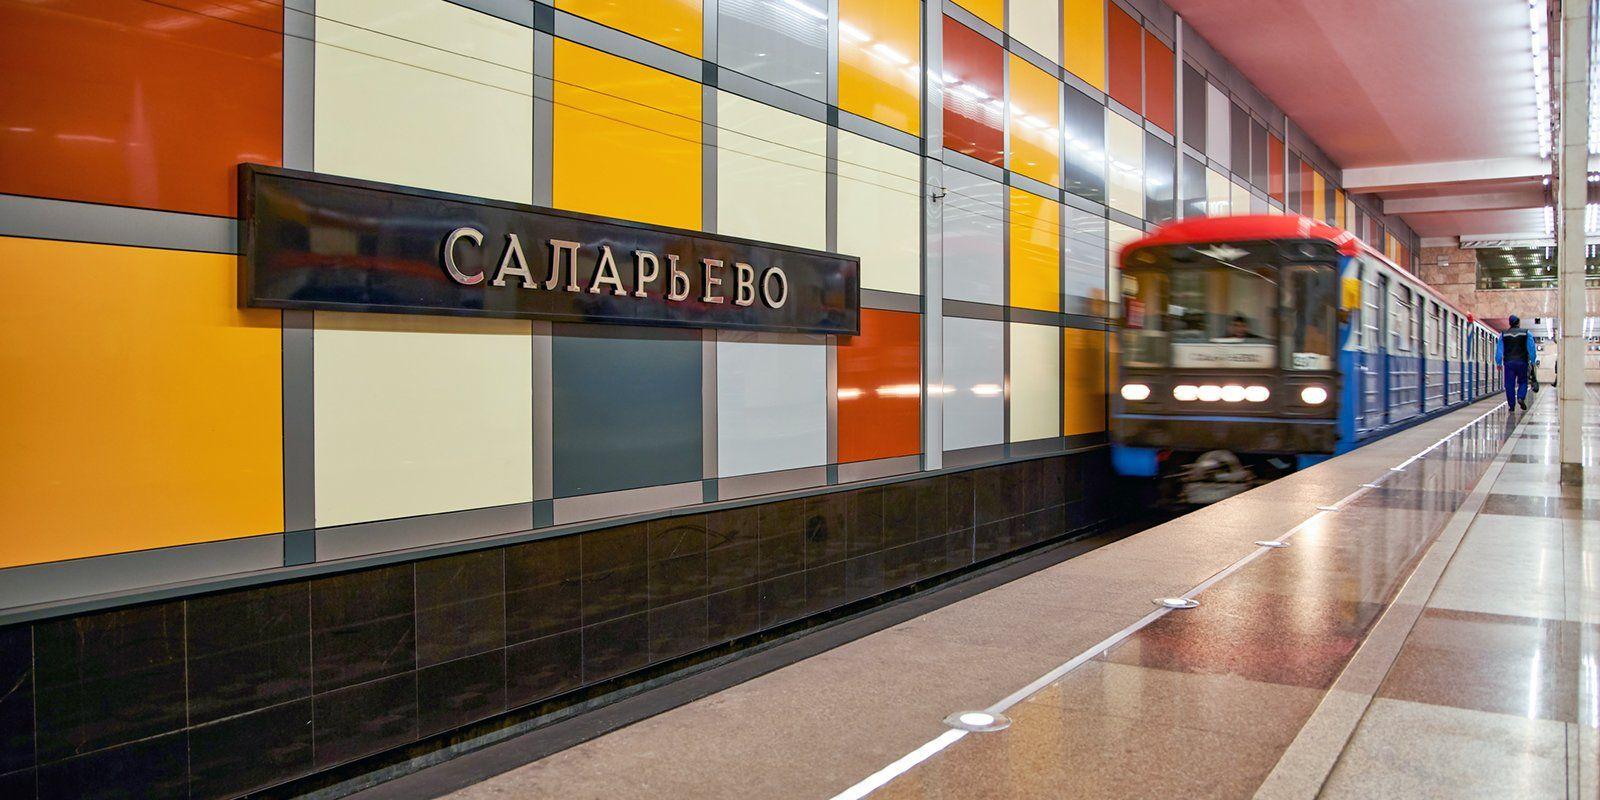 Станция метро «Саларьево». Автор М. Денисов. Mos.ru